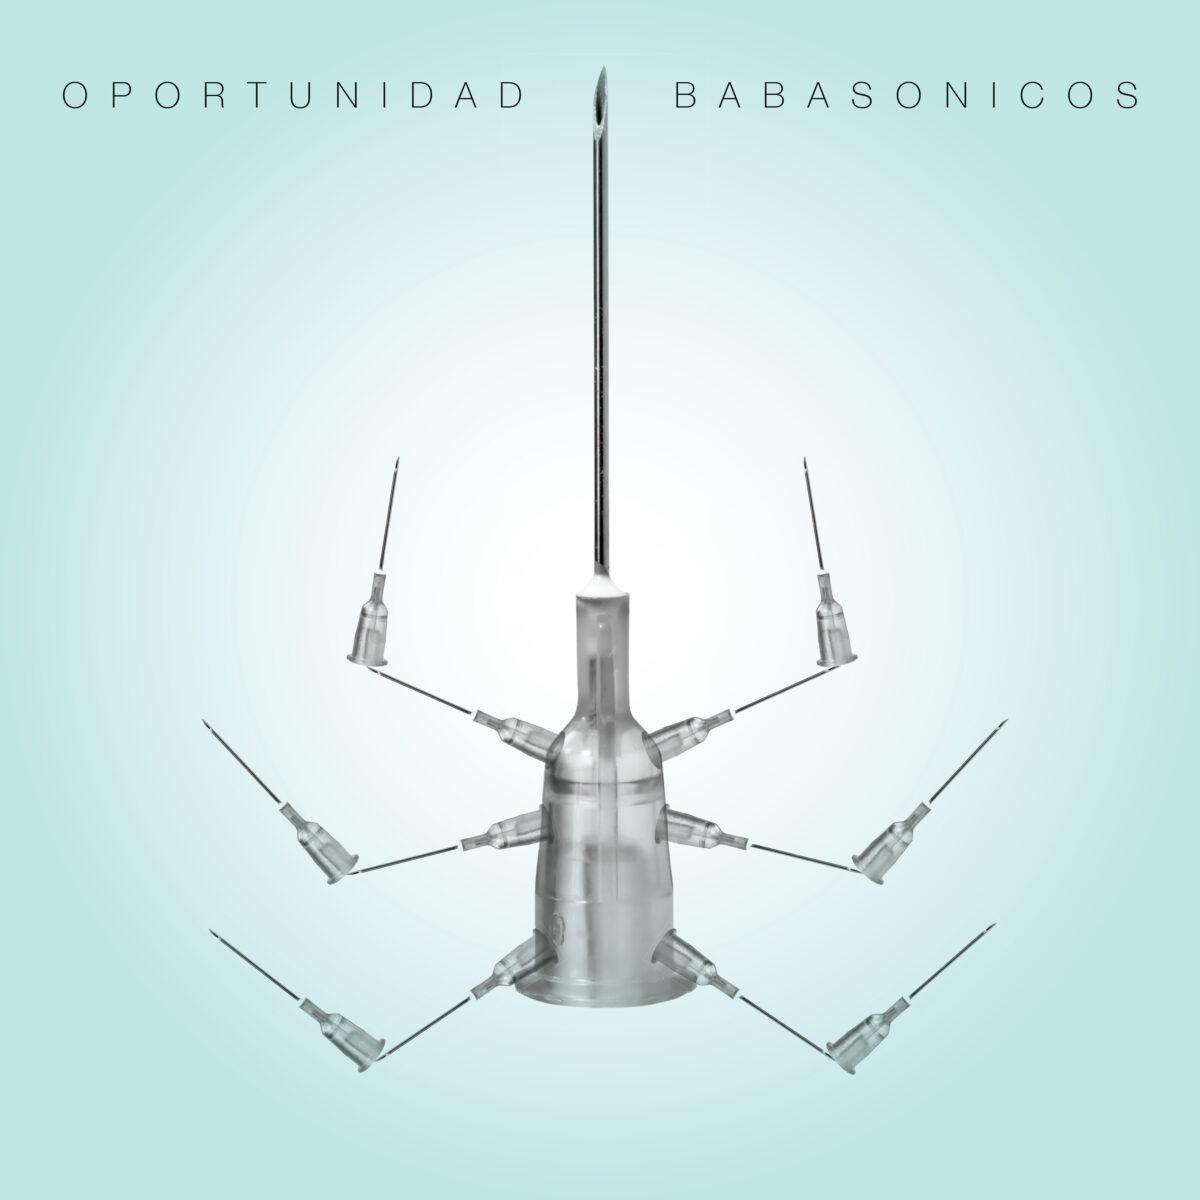 babasonicos presenta su nuevo sencillo oportunidad unnamed 88